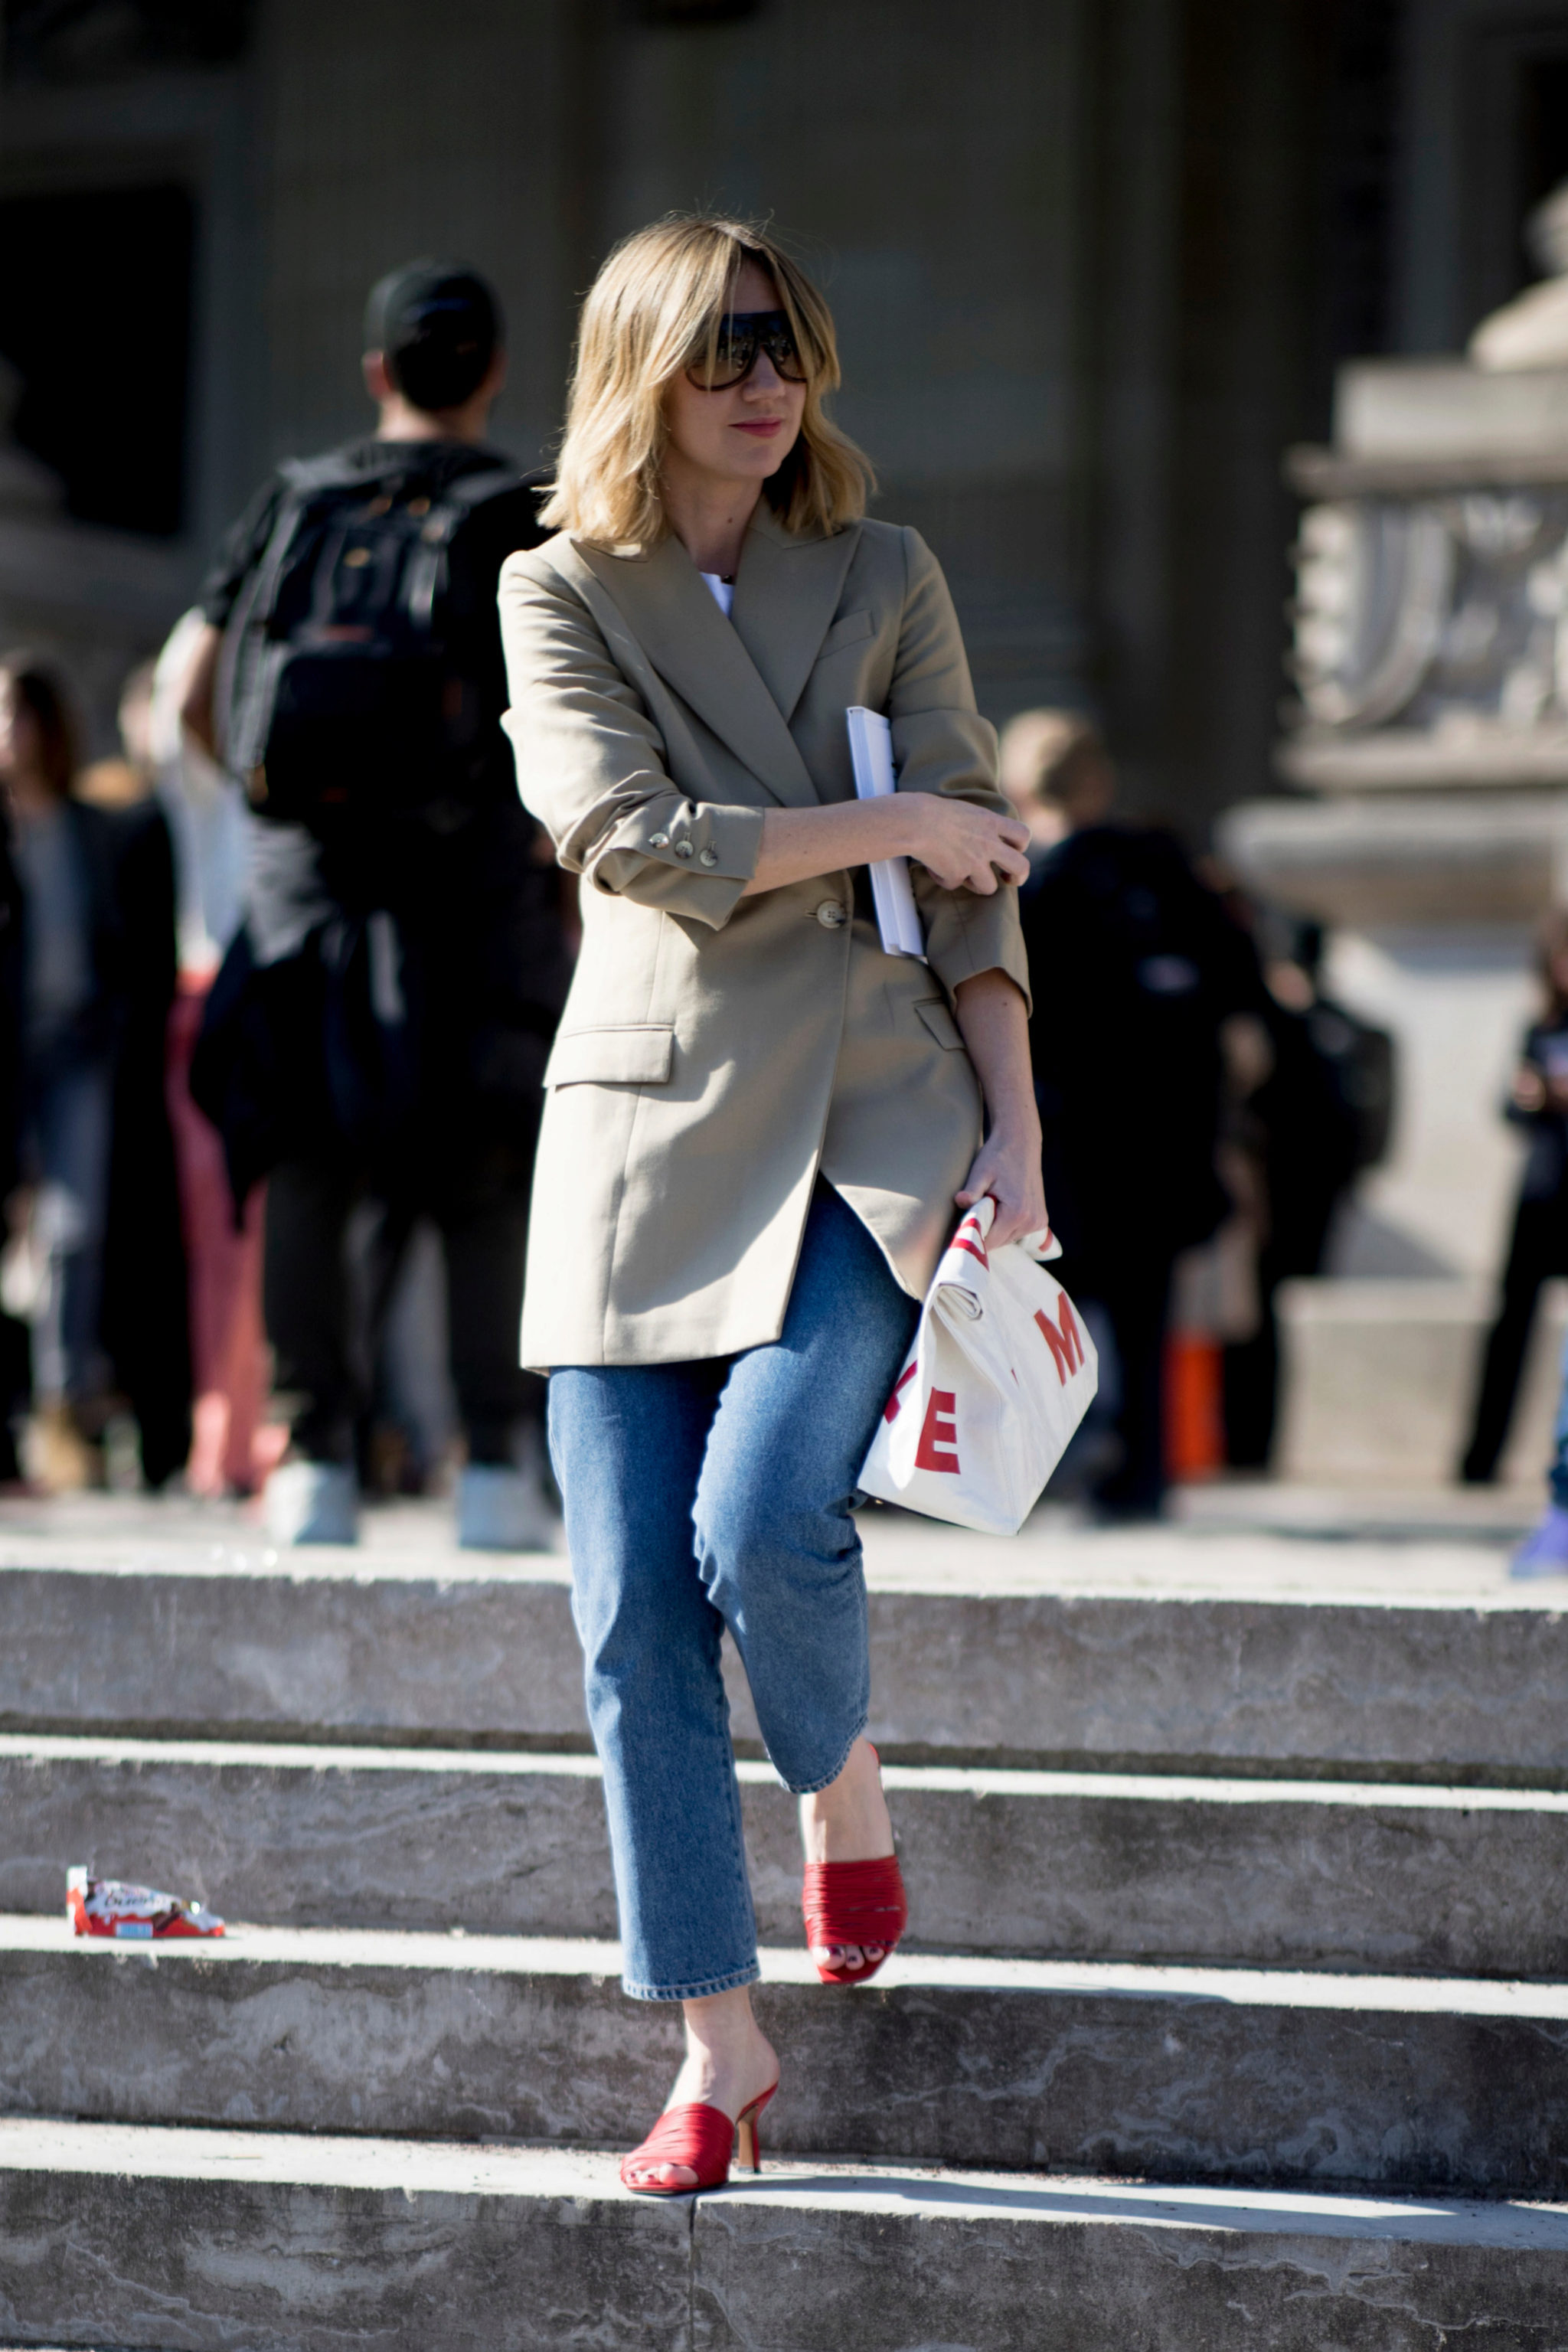 sandalias originales en el street style de París